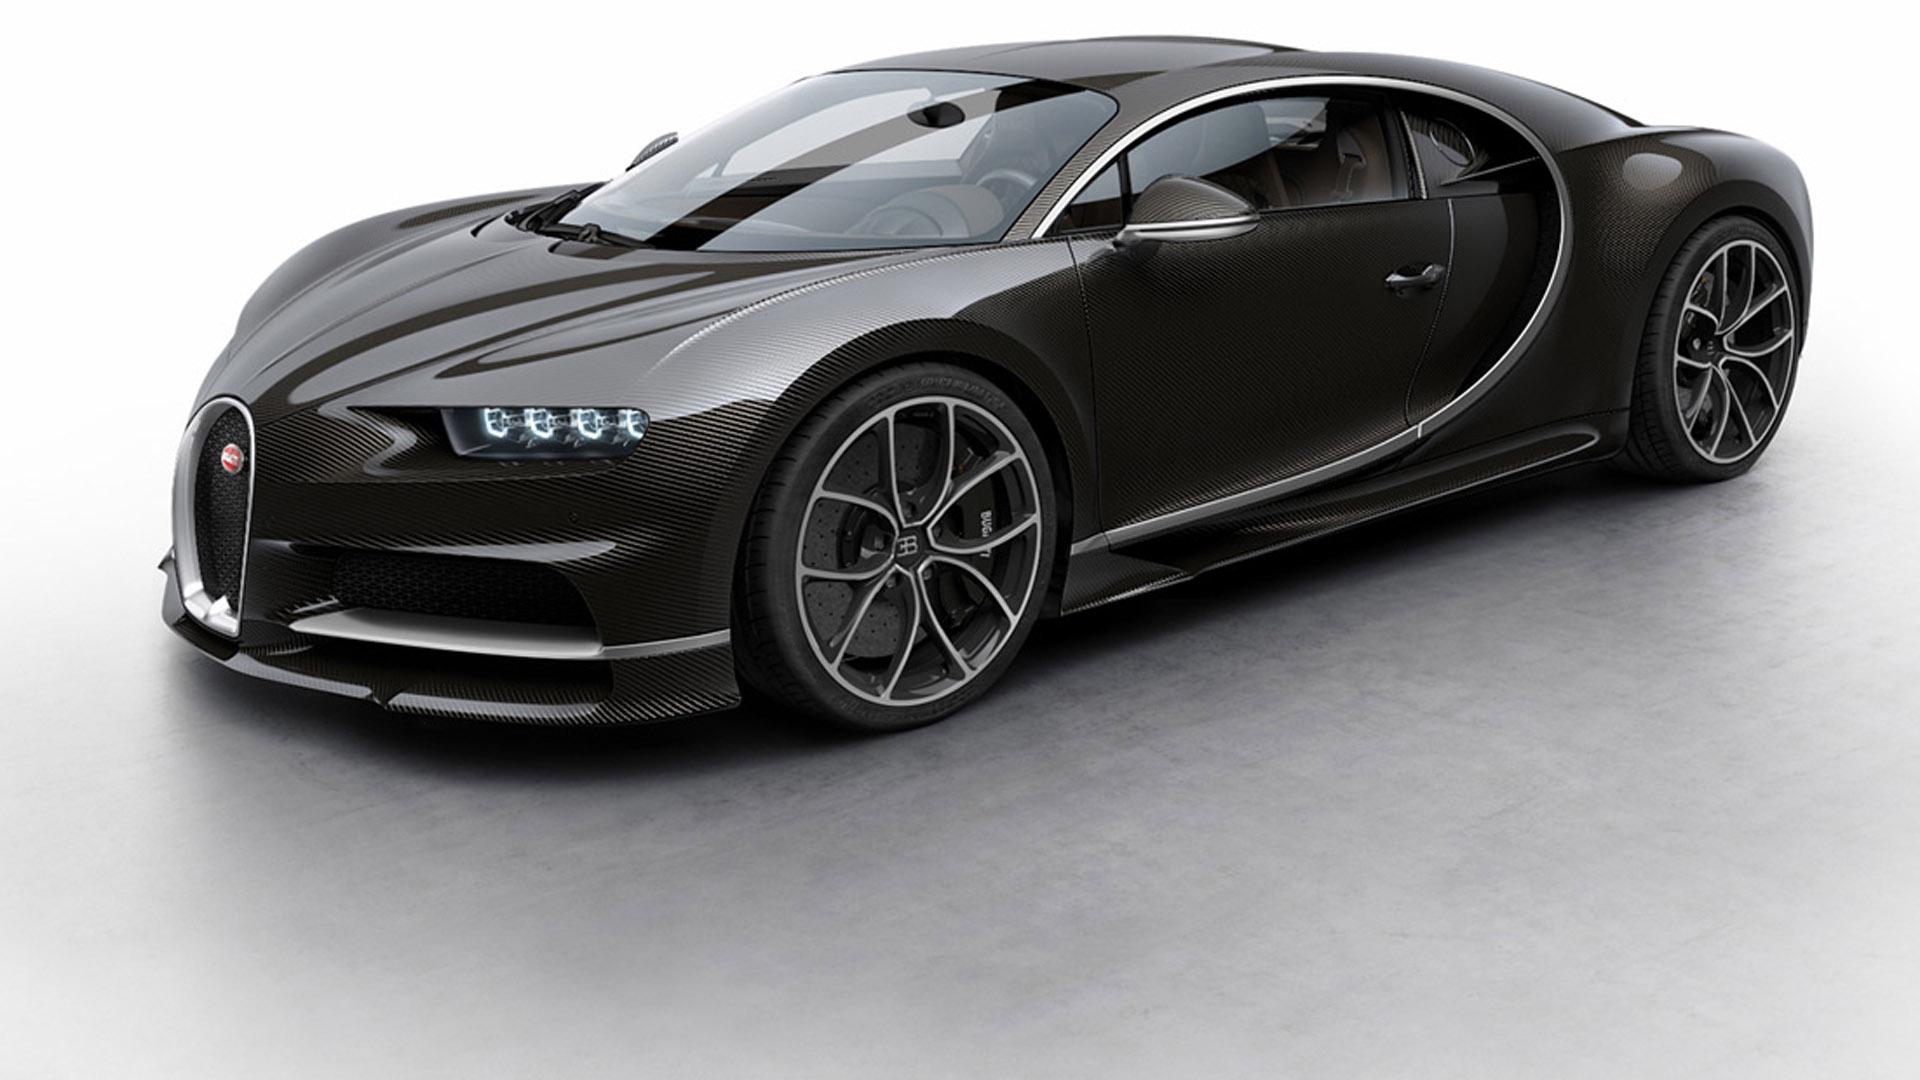 bugatti chiron launch car and vision gran turismo concept. Black Bedroom Furniture Sets. Home Design Ideas